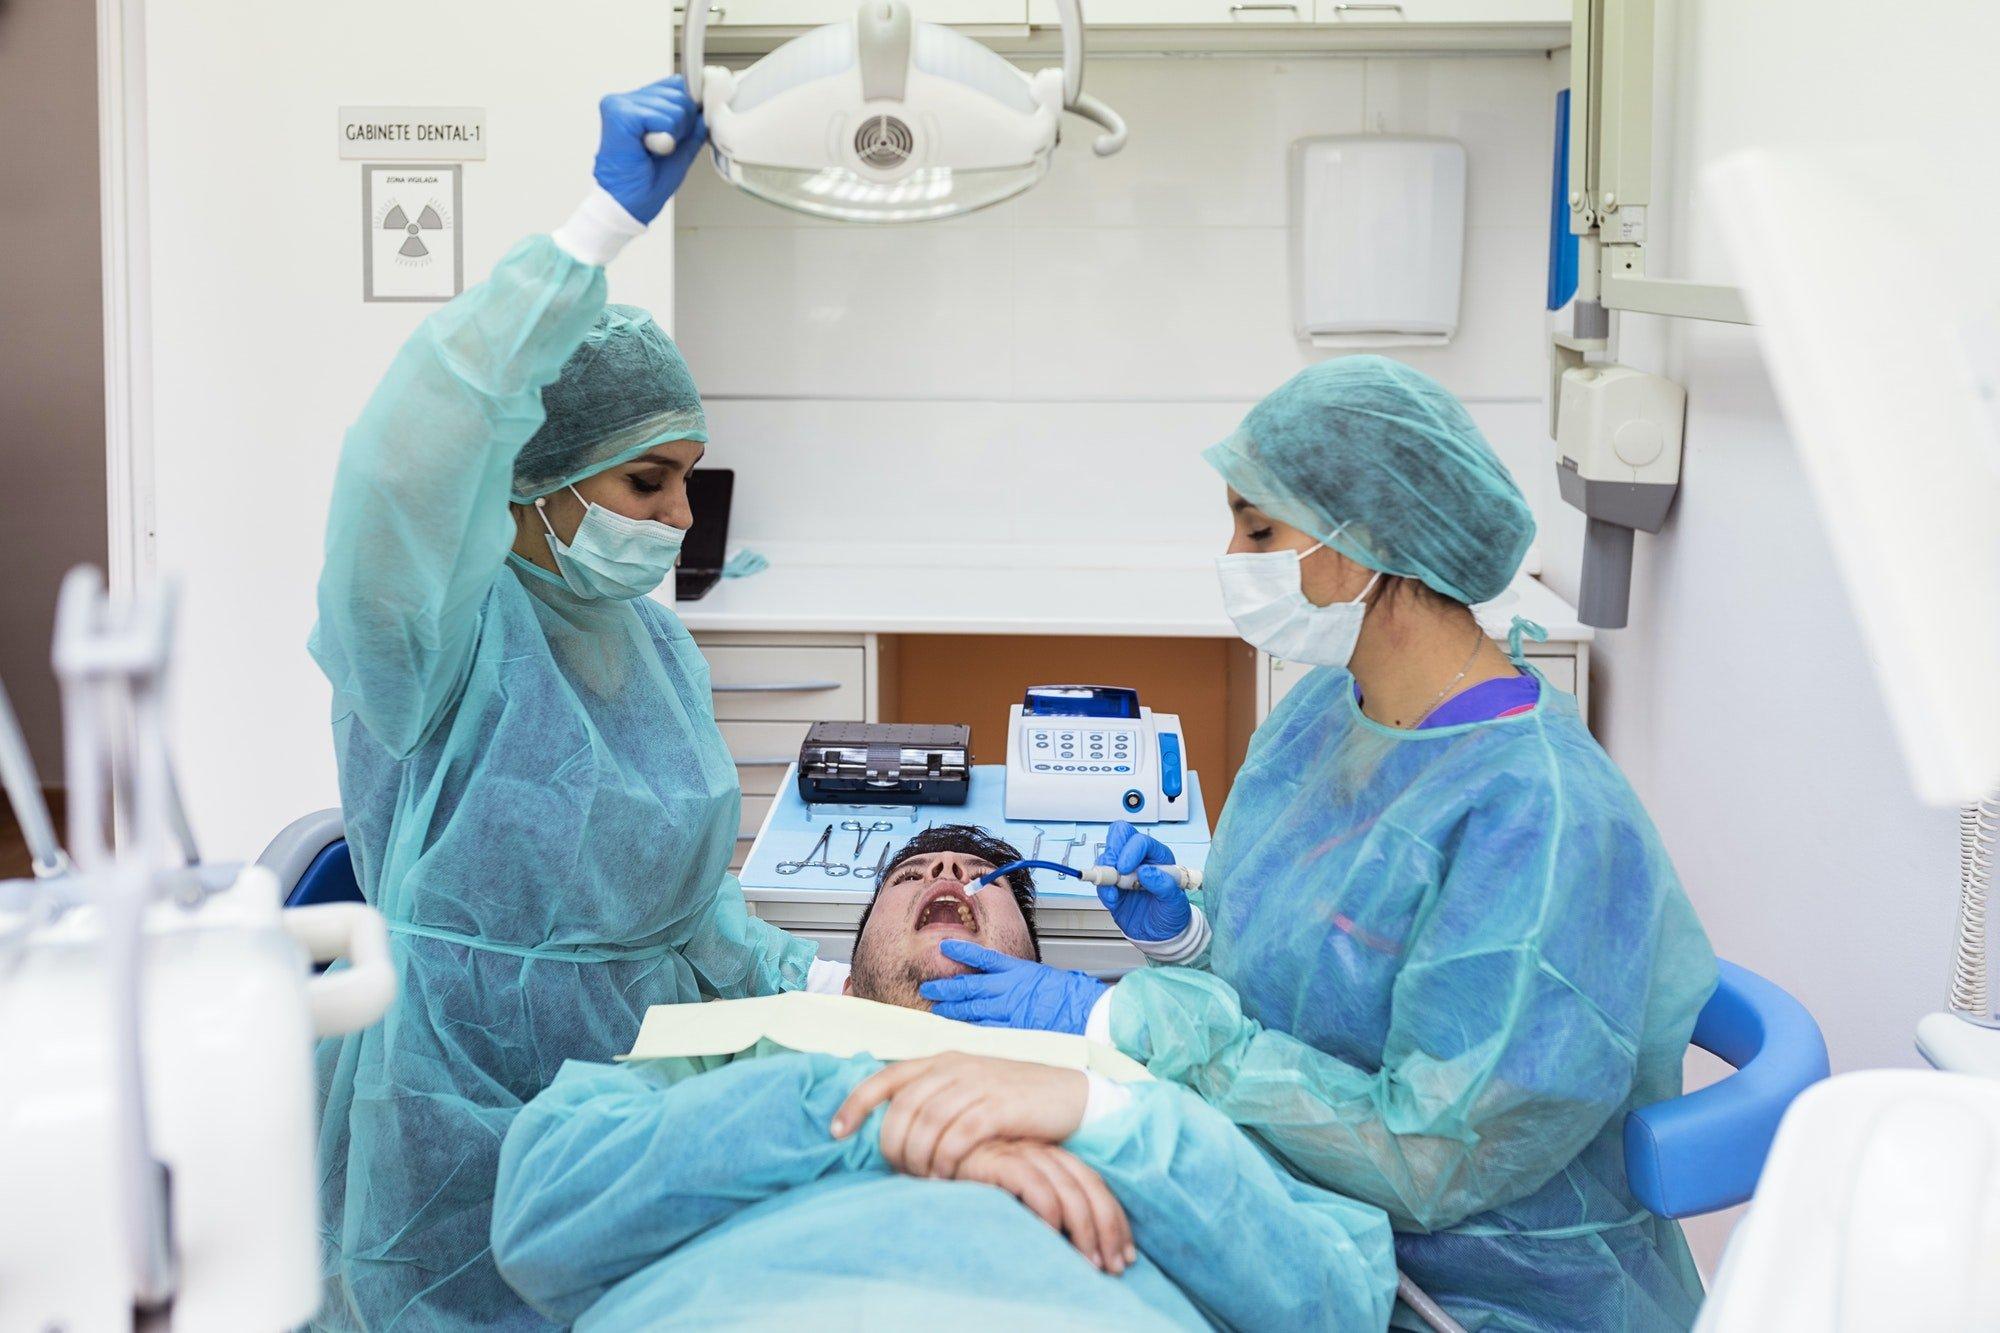 Chirurghi maxillo-facciali in ambulatorio dentistico durante un'innesto osseo